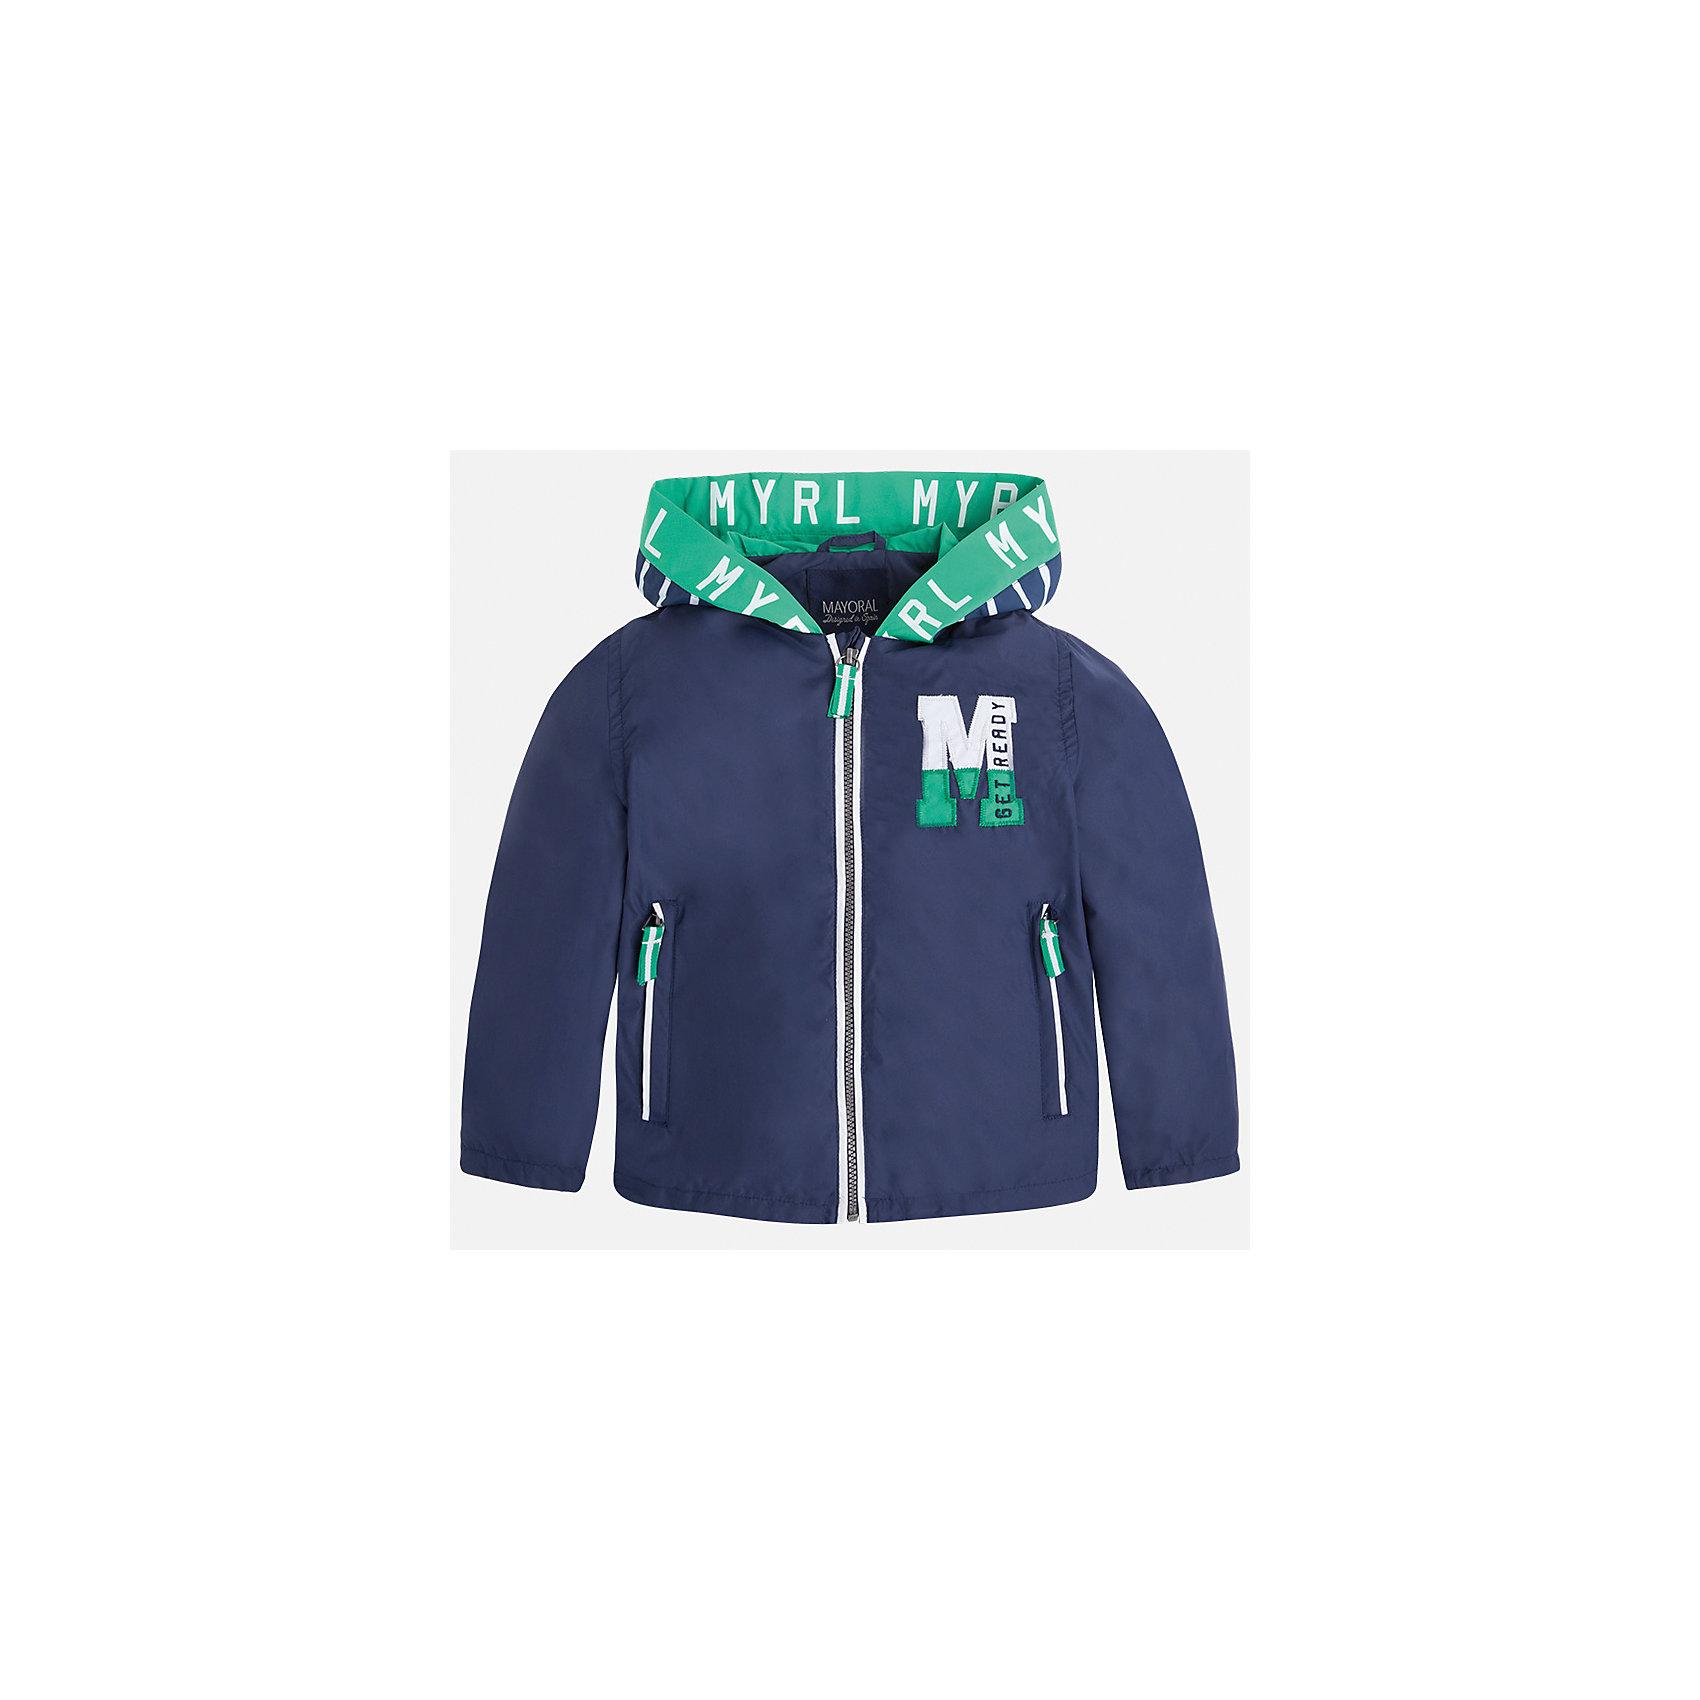 Ветровка для мальчика MayoralХарактеристики товара:<br><br>• цвет: синий<br>• состав: 100% полиэстер, подкладка - 100% хлопок<br>• температурный режим: от +20° до +10°С<br>• рукава длинные <br>• карманы<br>• молния <br>• капюшон<br>• страна бренда: Испания<br><br>Теплая одежда может быть очень стильной! Удобная и красивая ветровка для мальчика поможет разнообразить гардероб ребенка и обеспечить комфорт. Она отлично сочетается и с джинсами, и с брюками. Универсальный цвет позволяет подобрать к вещи низ различных расцветок. Интересная отделка модели делает её нарядной и оригинальной. В составе материала - натуральный хлопок, гипоаллергенный, приятный на ощупь, дышащий.<br><br>Одежда, обувь и аксессуары от испанского бренда Mayoral полюбились детям и взрослым по всему миру. Модели этой марки - стильные и удобные. Для их производства используются только безопасные, качественные материалы и фурнитура. Порадуйте ребенка модными и красивыми вещами от Mayoral! <br><br>Ветровку для мальчика от испанского бренда Mayoral (Майорал) можно купить в нашем интернет-магазине.<br><br>Ширина мм: 356<br>Глубина мм: 10<br>Высота мм: 245<br>Вес г: 519<br>Цвет: синий<br>Возраст от месяцев: 96<br>Возраст до месяцев: 108<br>Пол: Мужской<br>Возраст: Детский<br>Размер: 134,128,122,116,104,98,92,110<br>SKU: 5280693